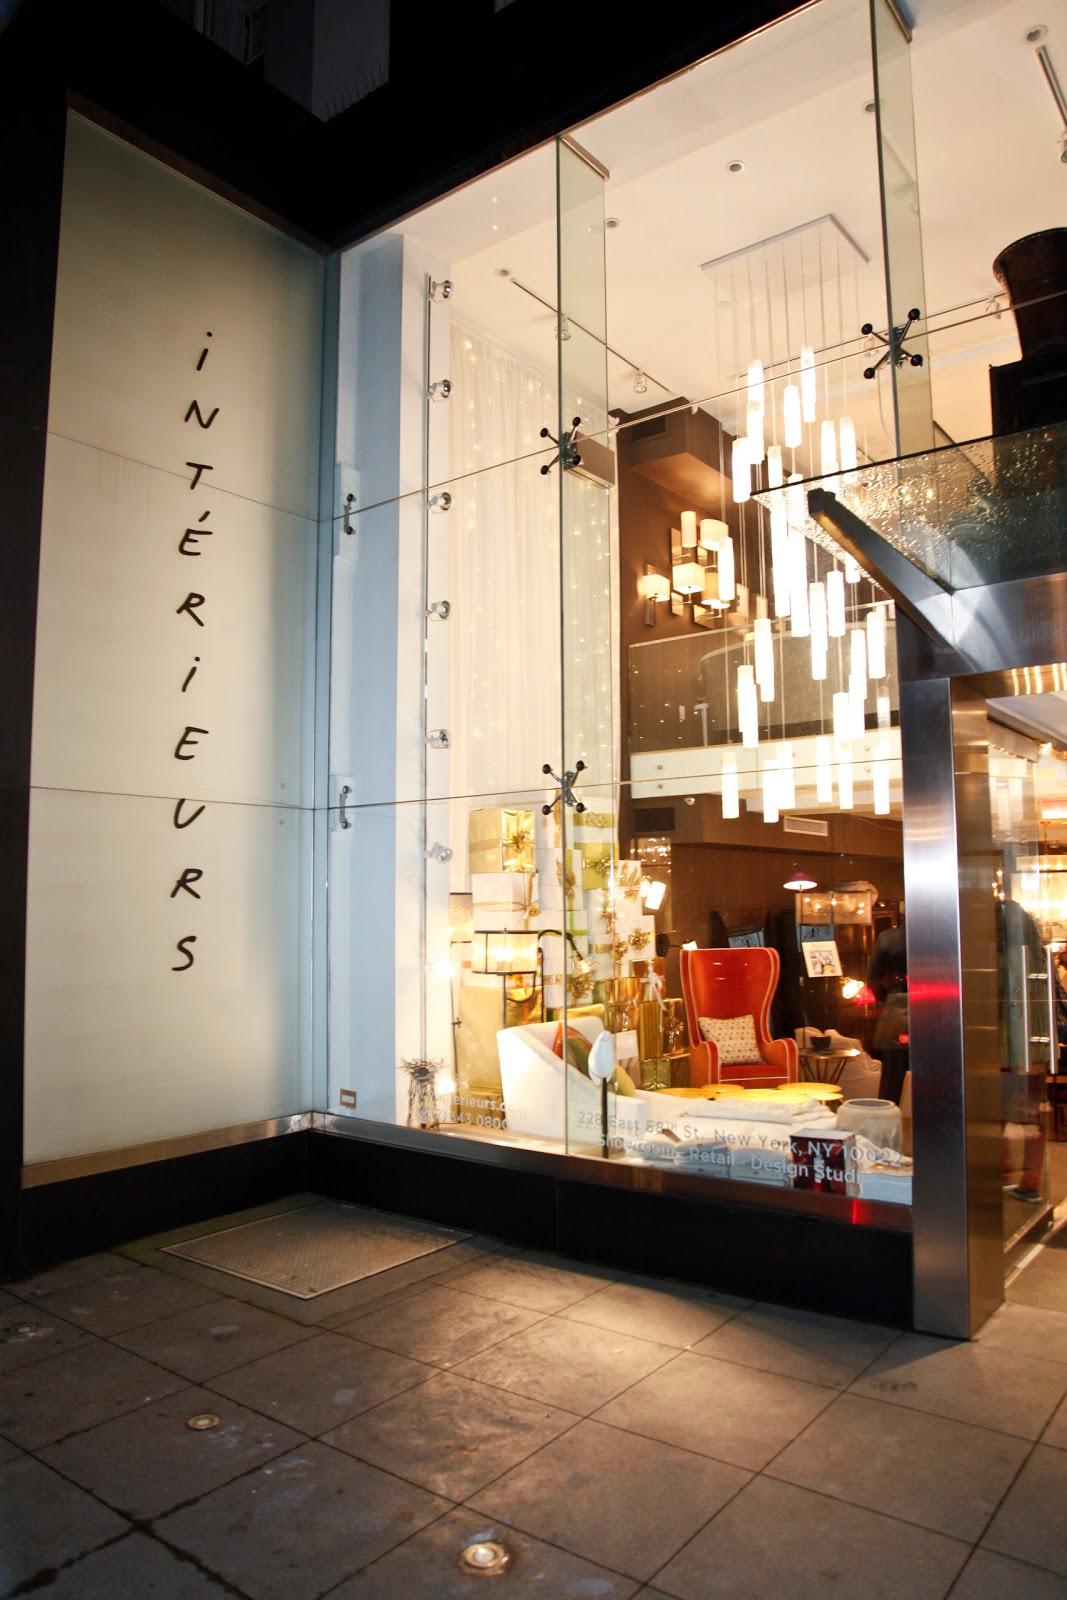 http://1.bp.blogspot.com/-5tvvsZcteC0/UMS1hFrNoZI/AAAAAAAADlY/6M1W8xSBPmI/s1600/Interieurs+window.jpg